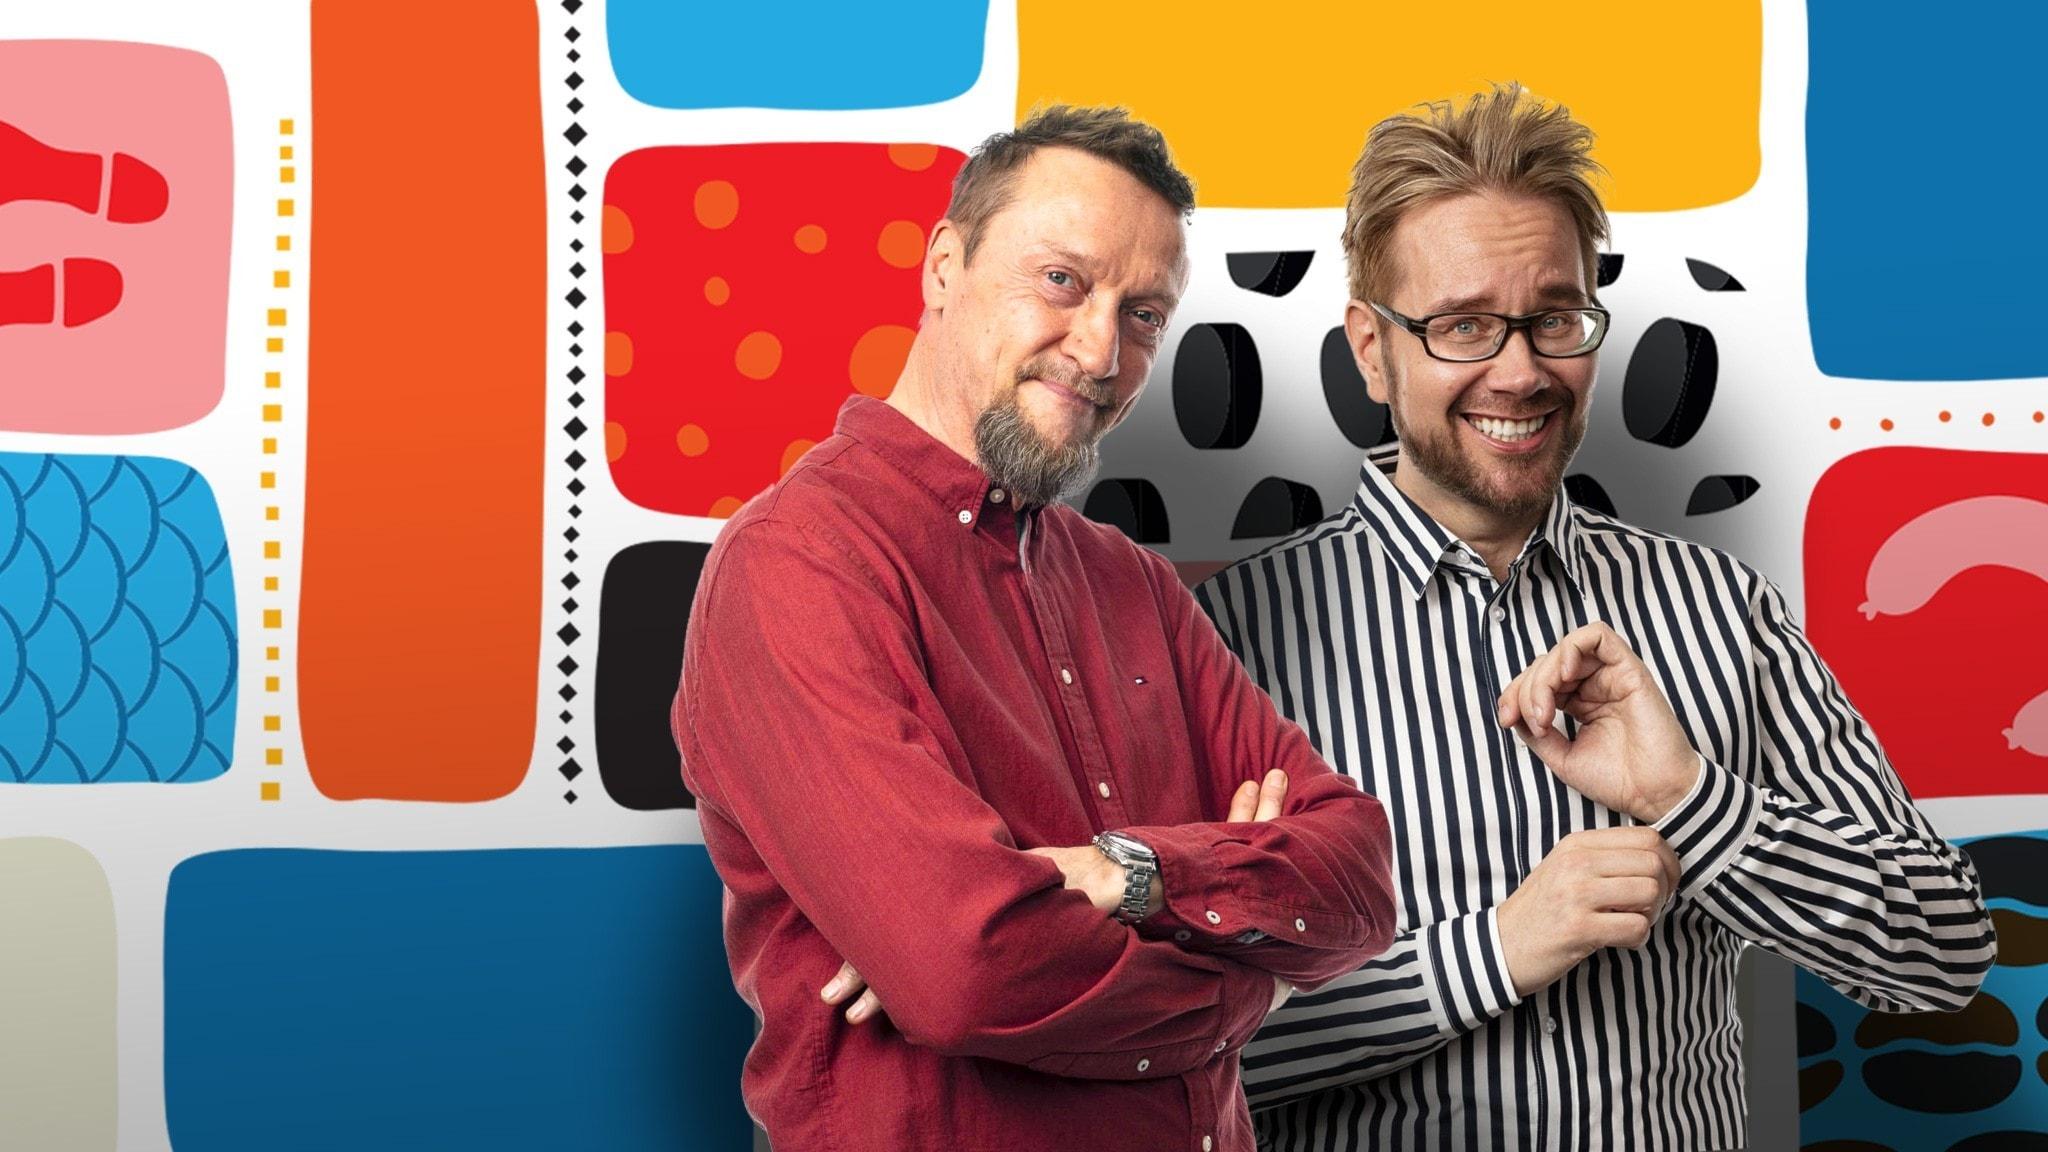 Programledarna Christer och Erkki framför en färgglad bakgrund.